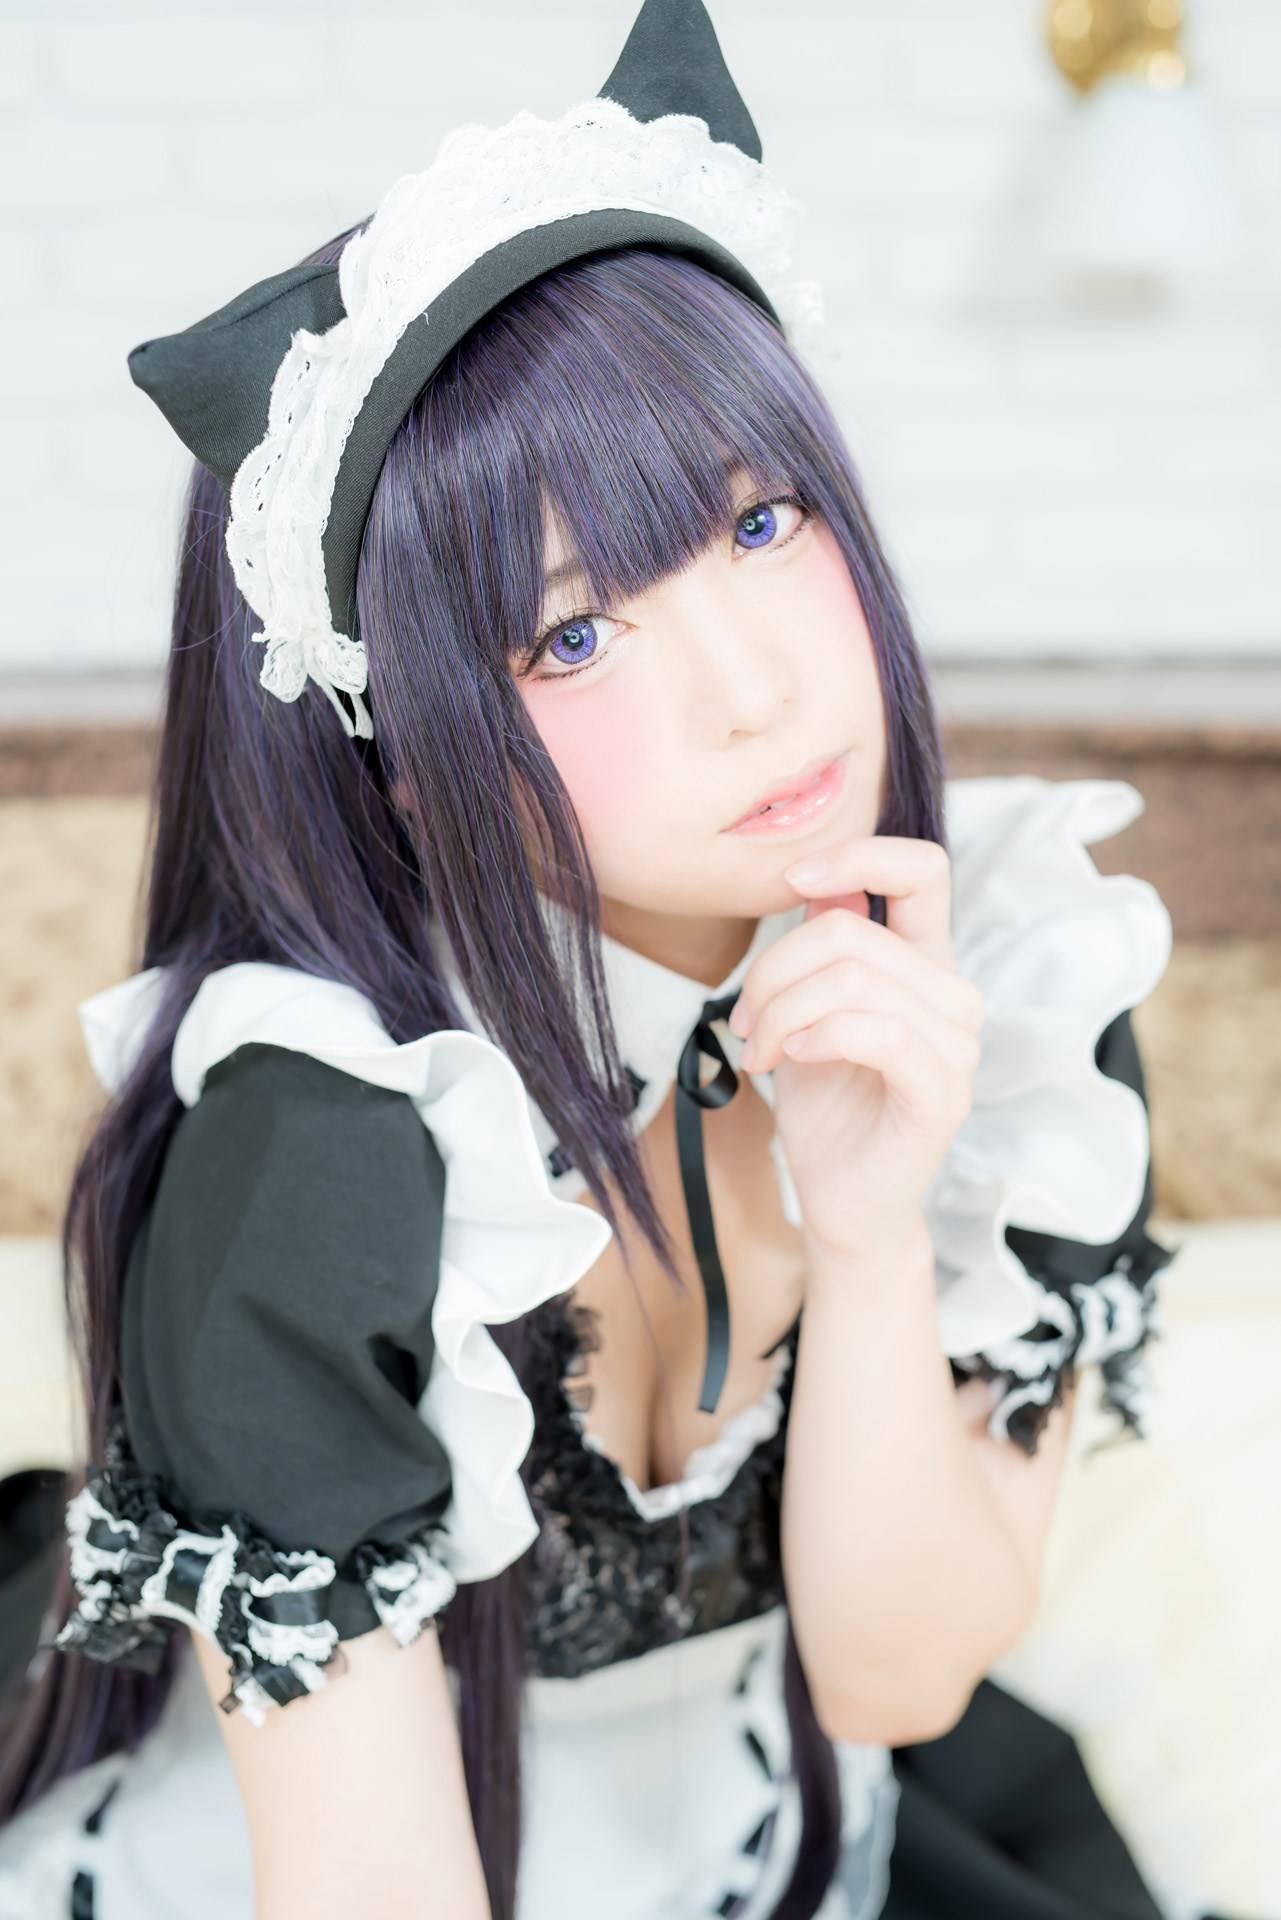 [COS]誘惑美女扮演貓耳女仆,貓耳與女仆服的正確用法